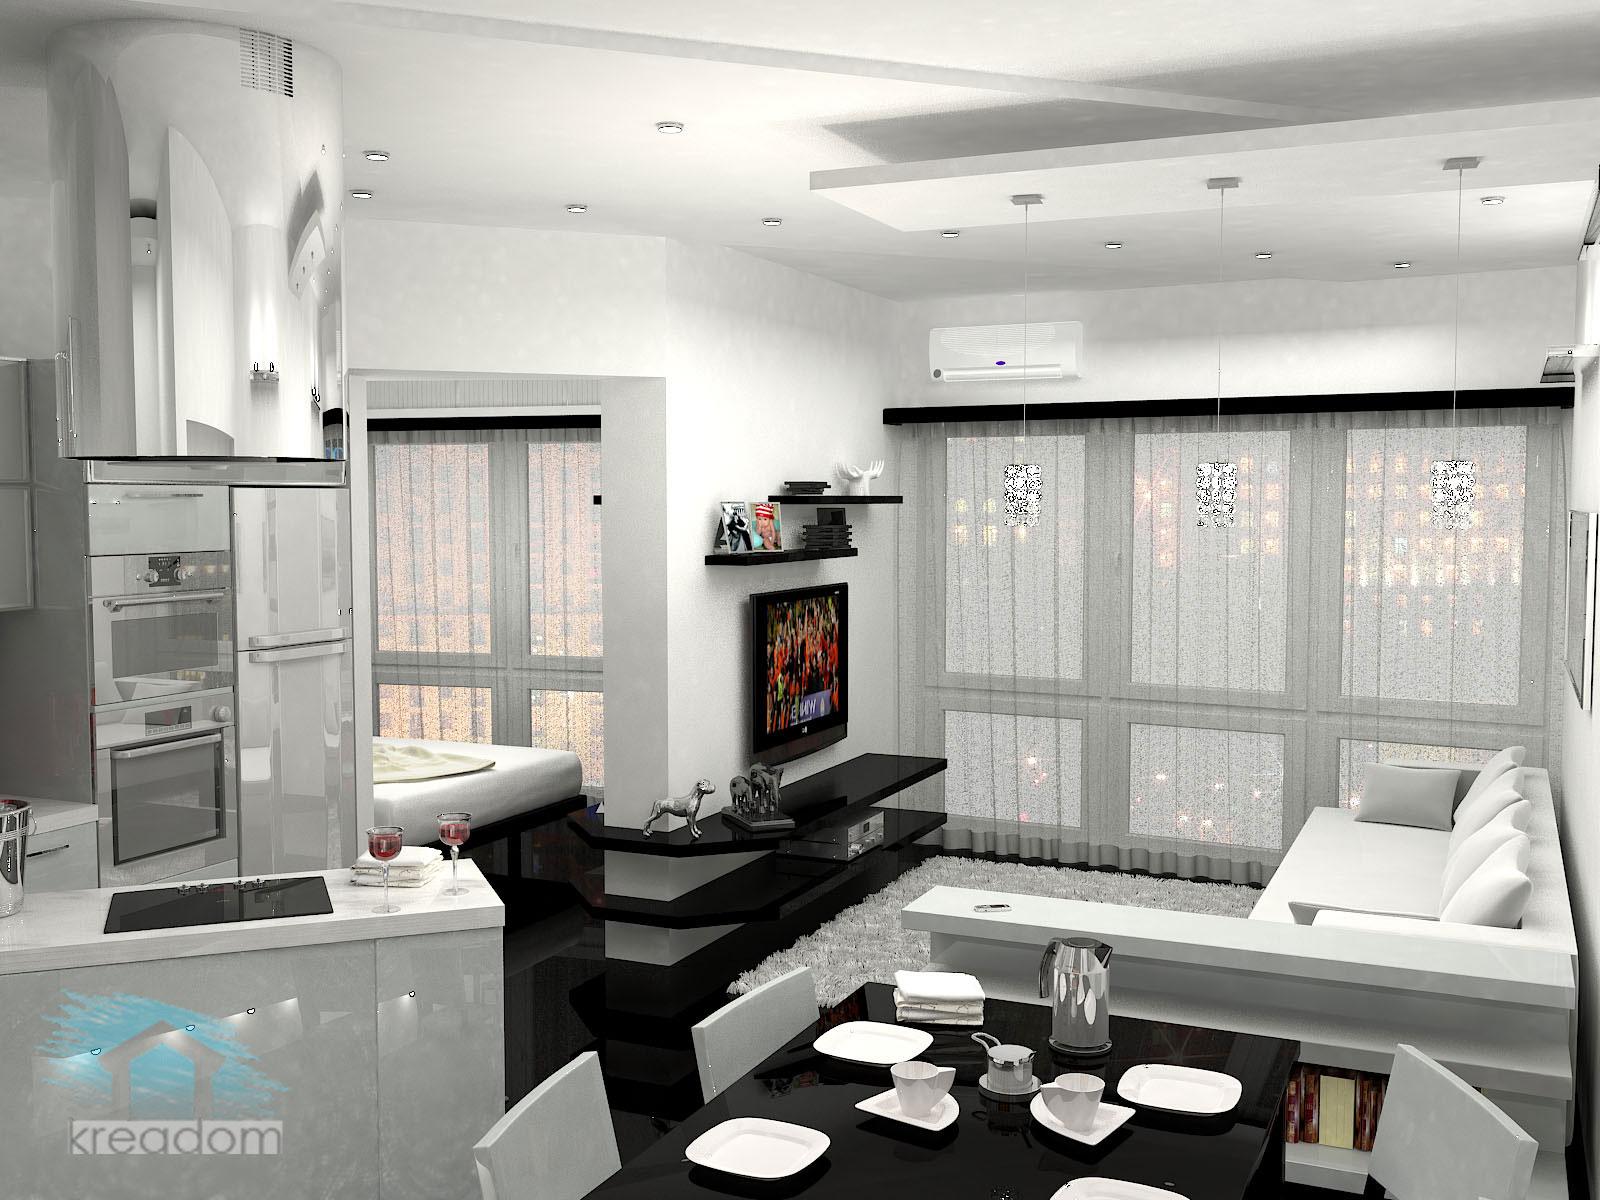 Дизайн кухни фото лофт